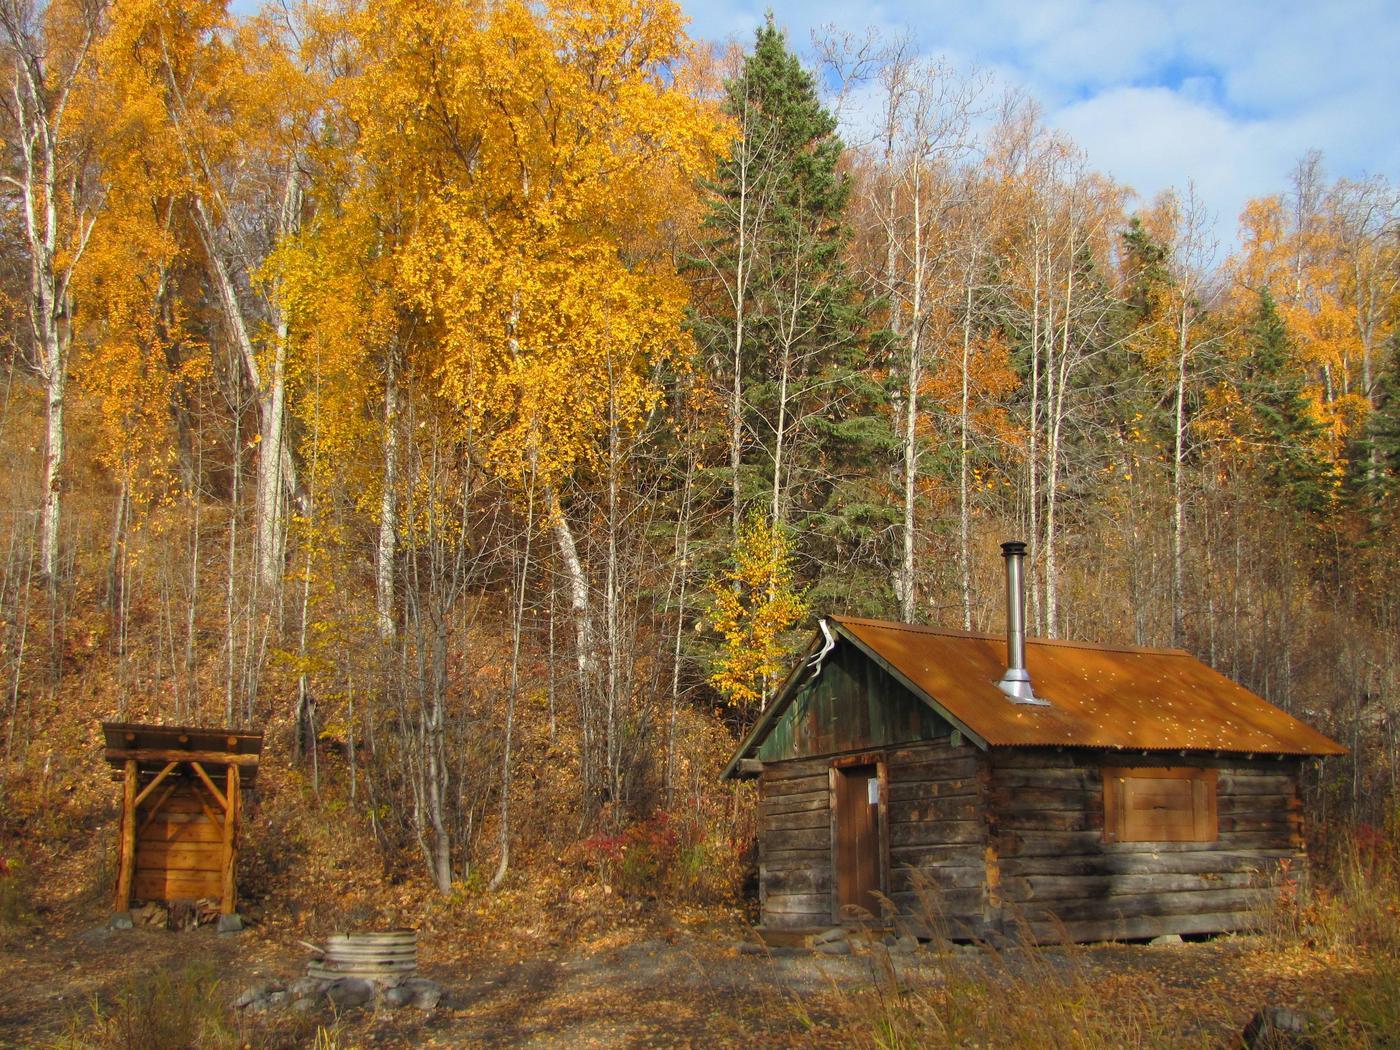 Caribou Island cabin in autumn.